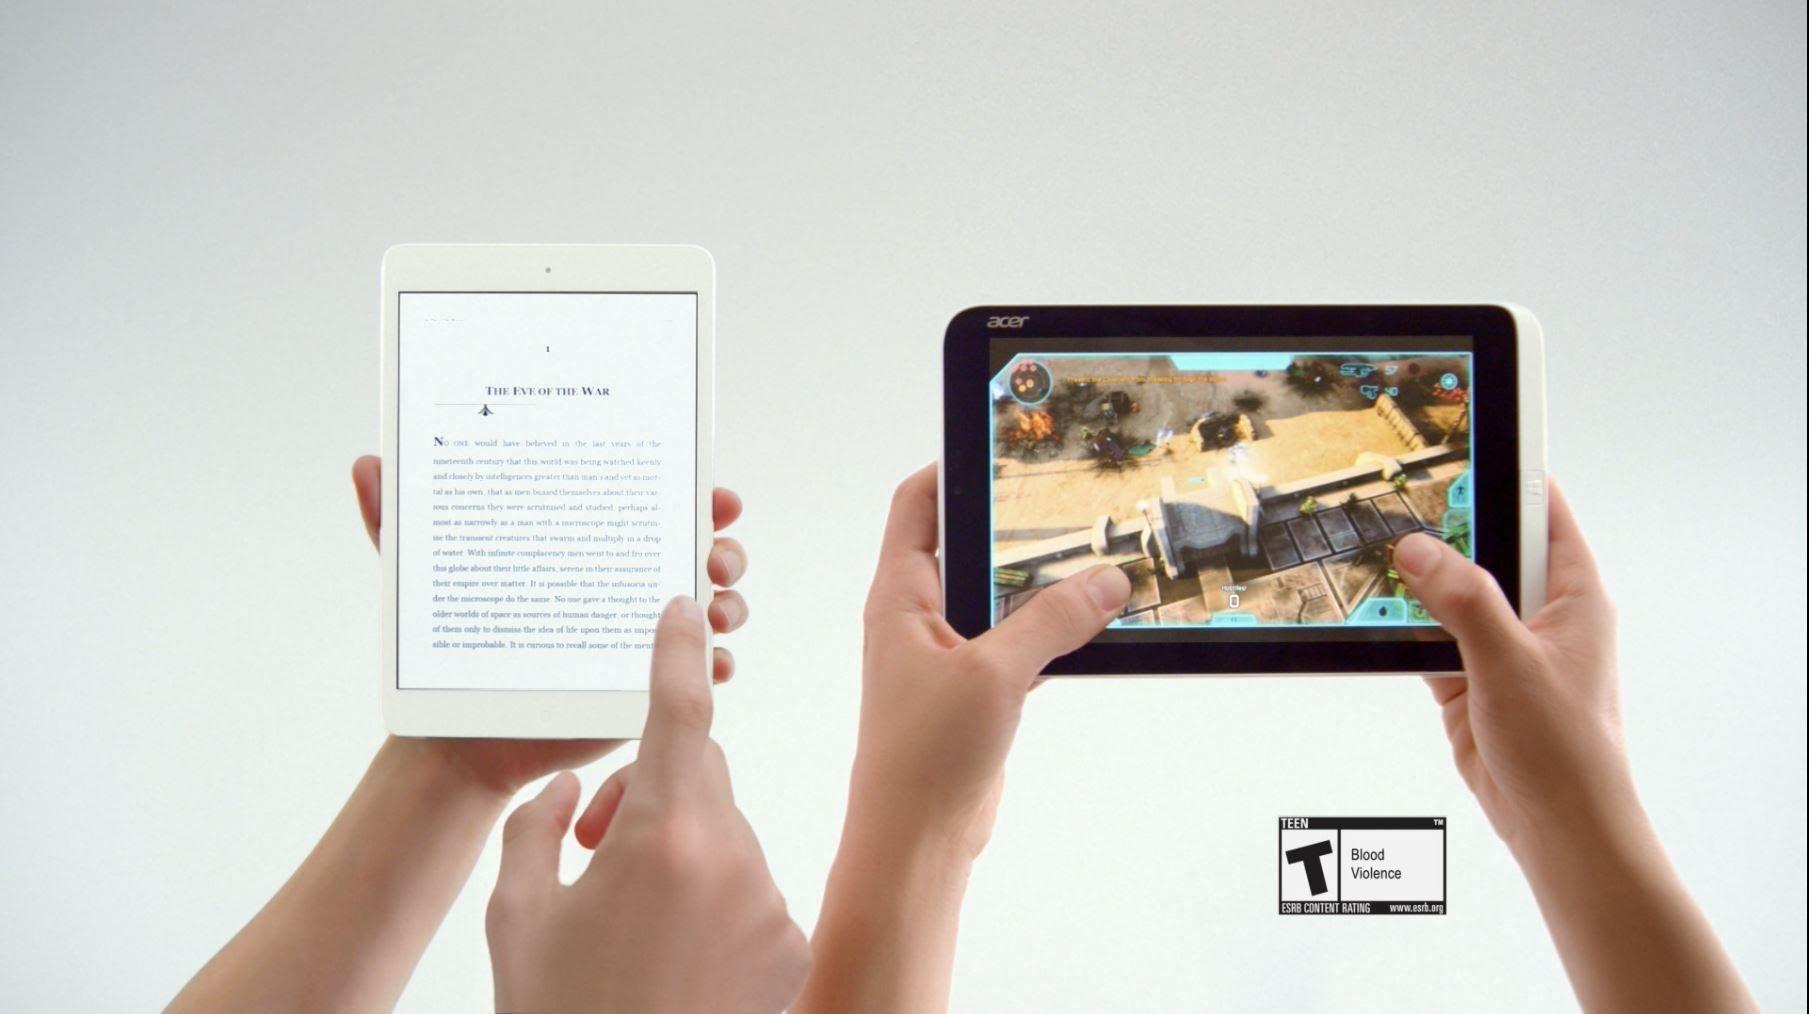 Neue Microsoft-Werbung zeigt Duell zwischen iPad mini und Acer Iconia W3